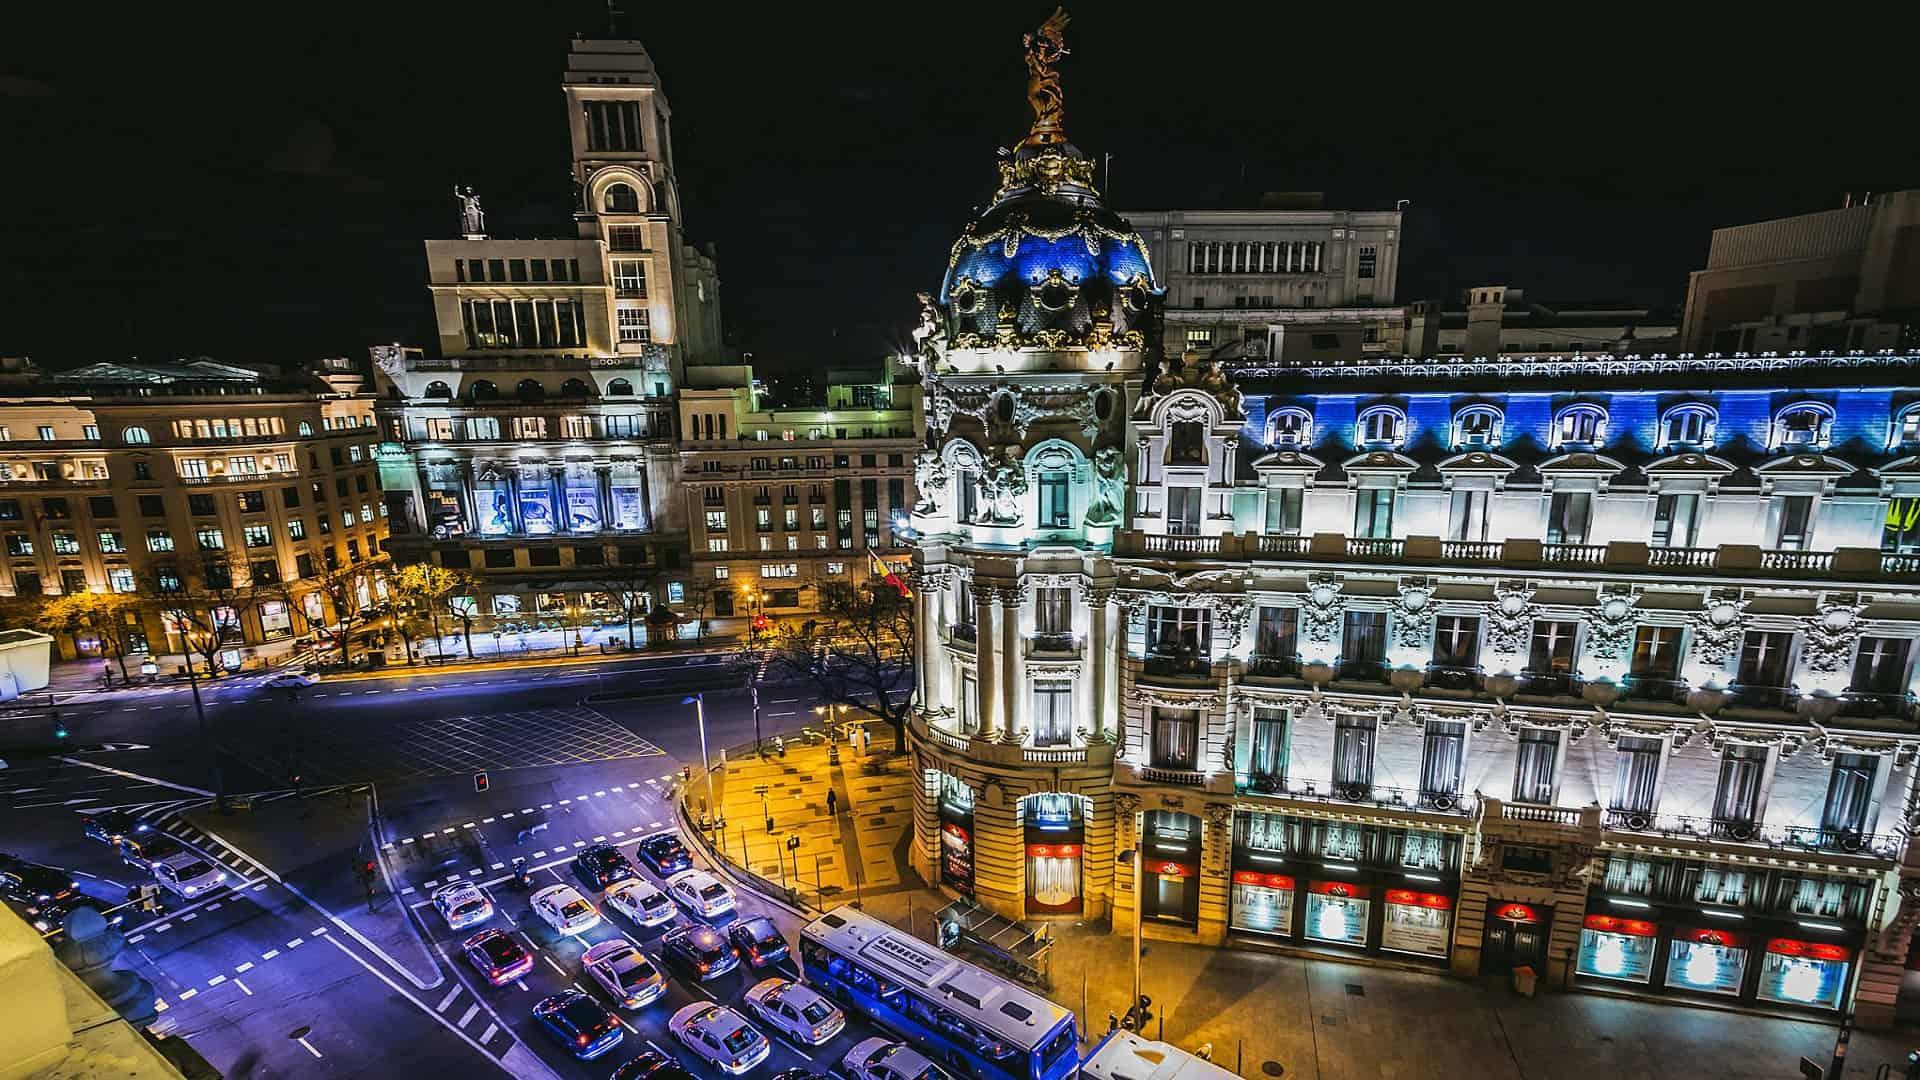 Madrid - Soggiorni Lunghi